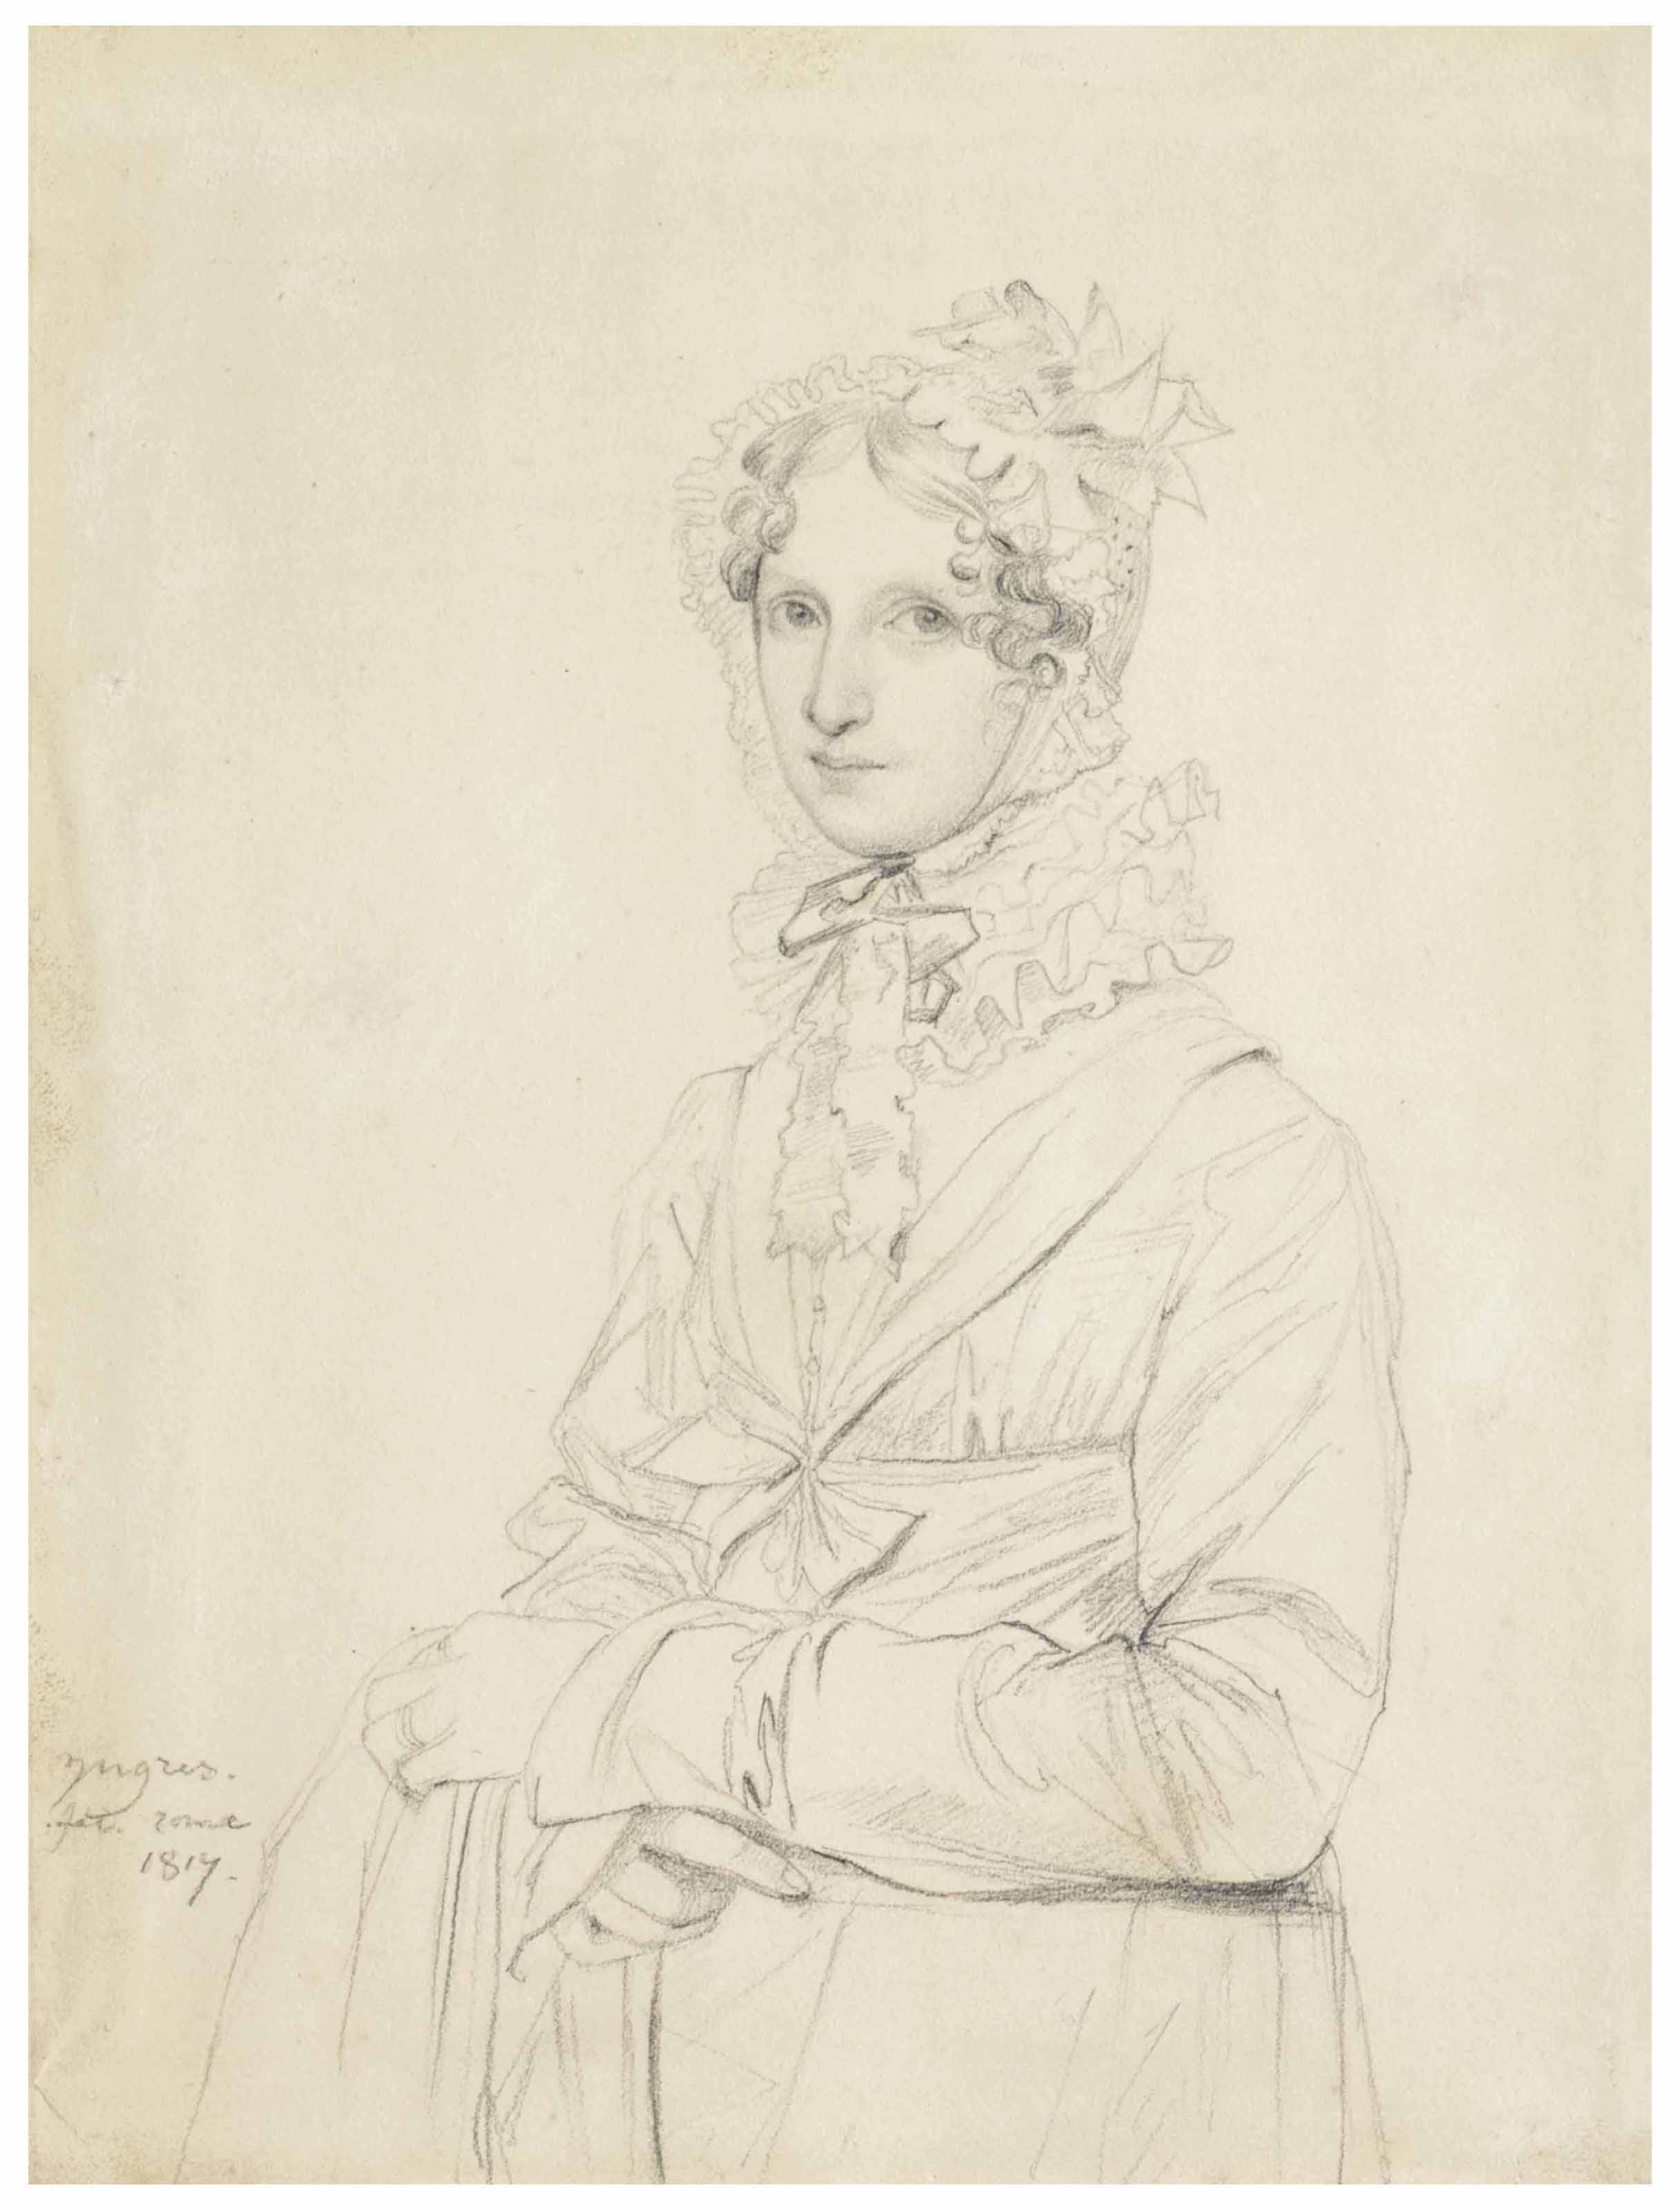 Jean-Auguste-Dominique Ingres (1780-1867)